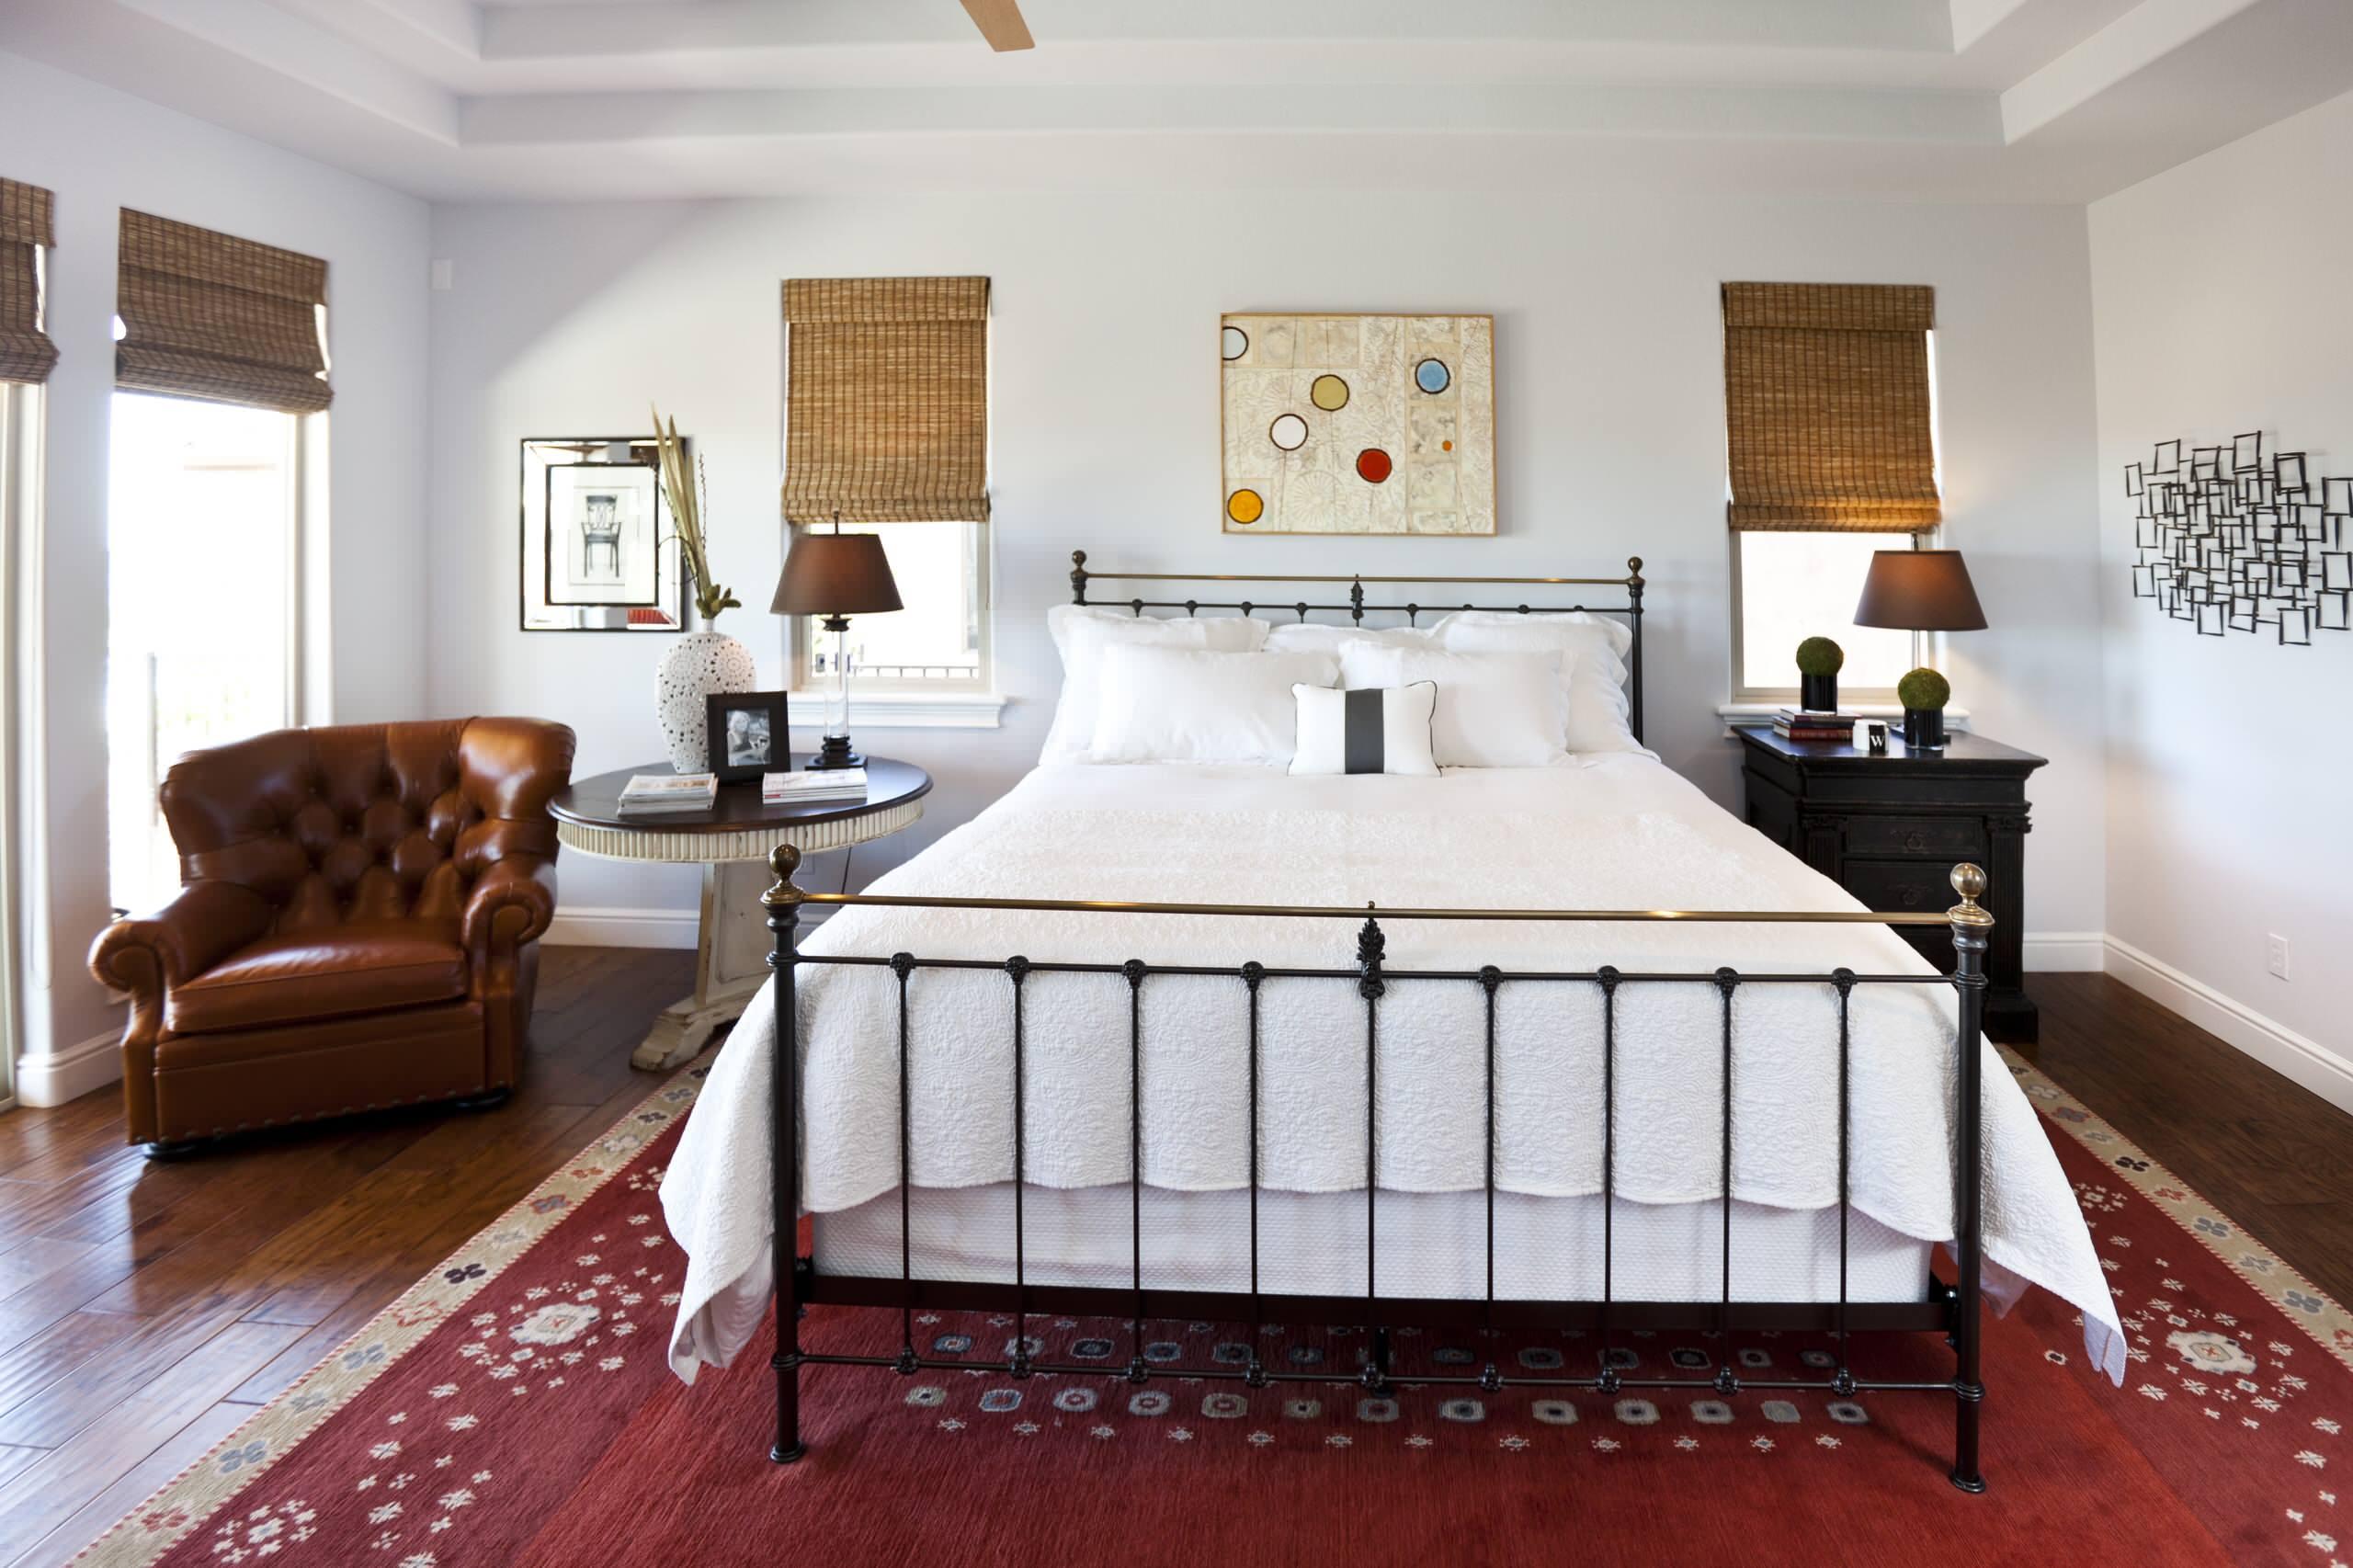 https://www.houzz.com/photos/soft-gray-getaway-rustic-bedroom-sacramento-phvw-vp~1358724